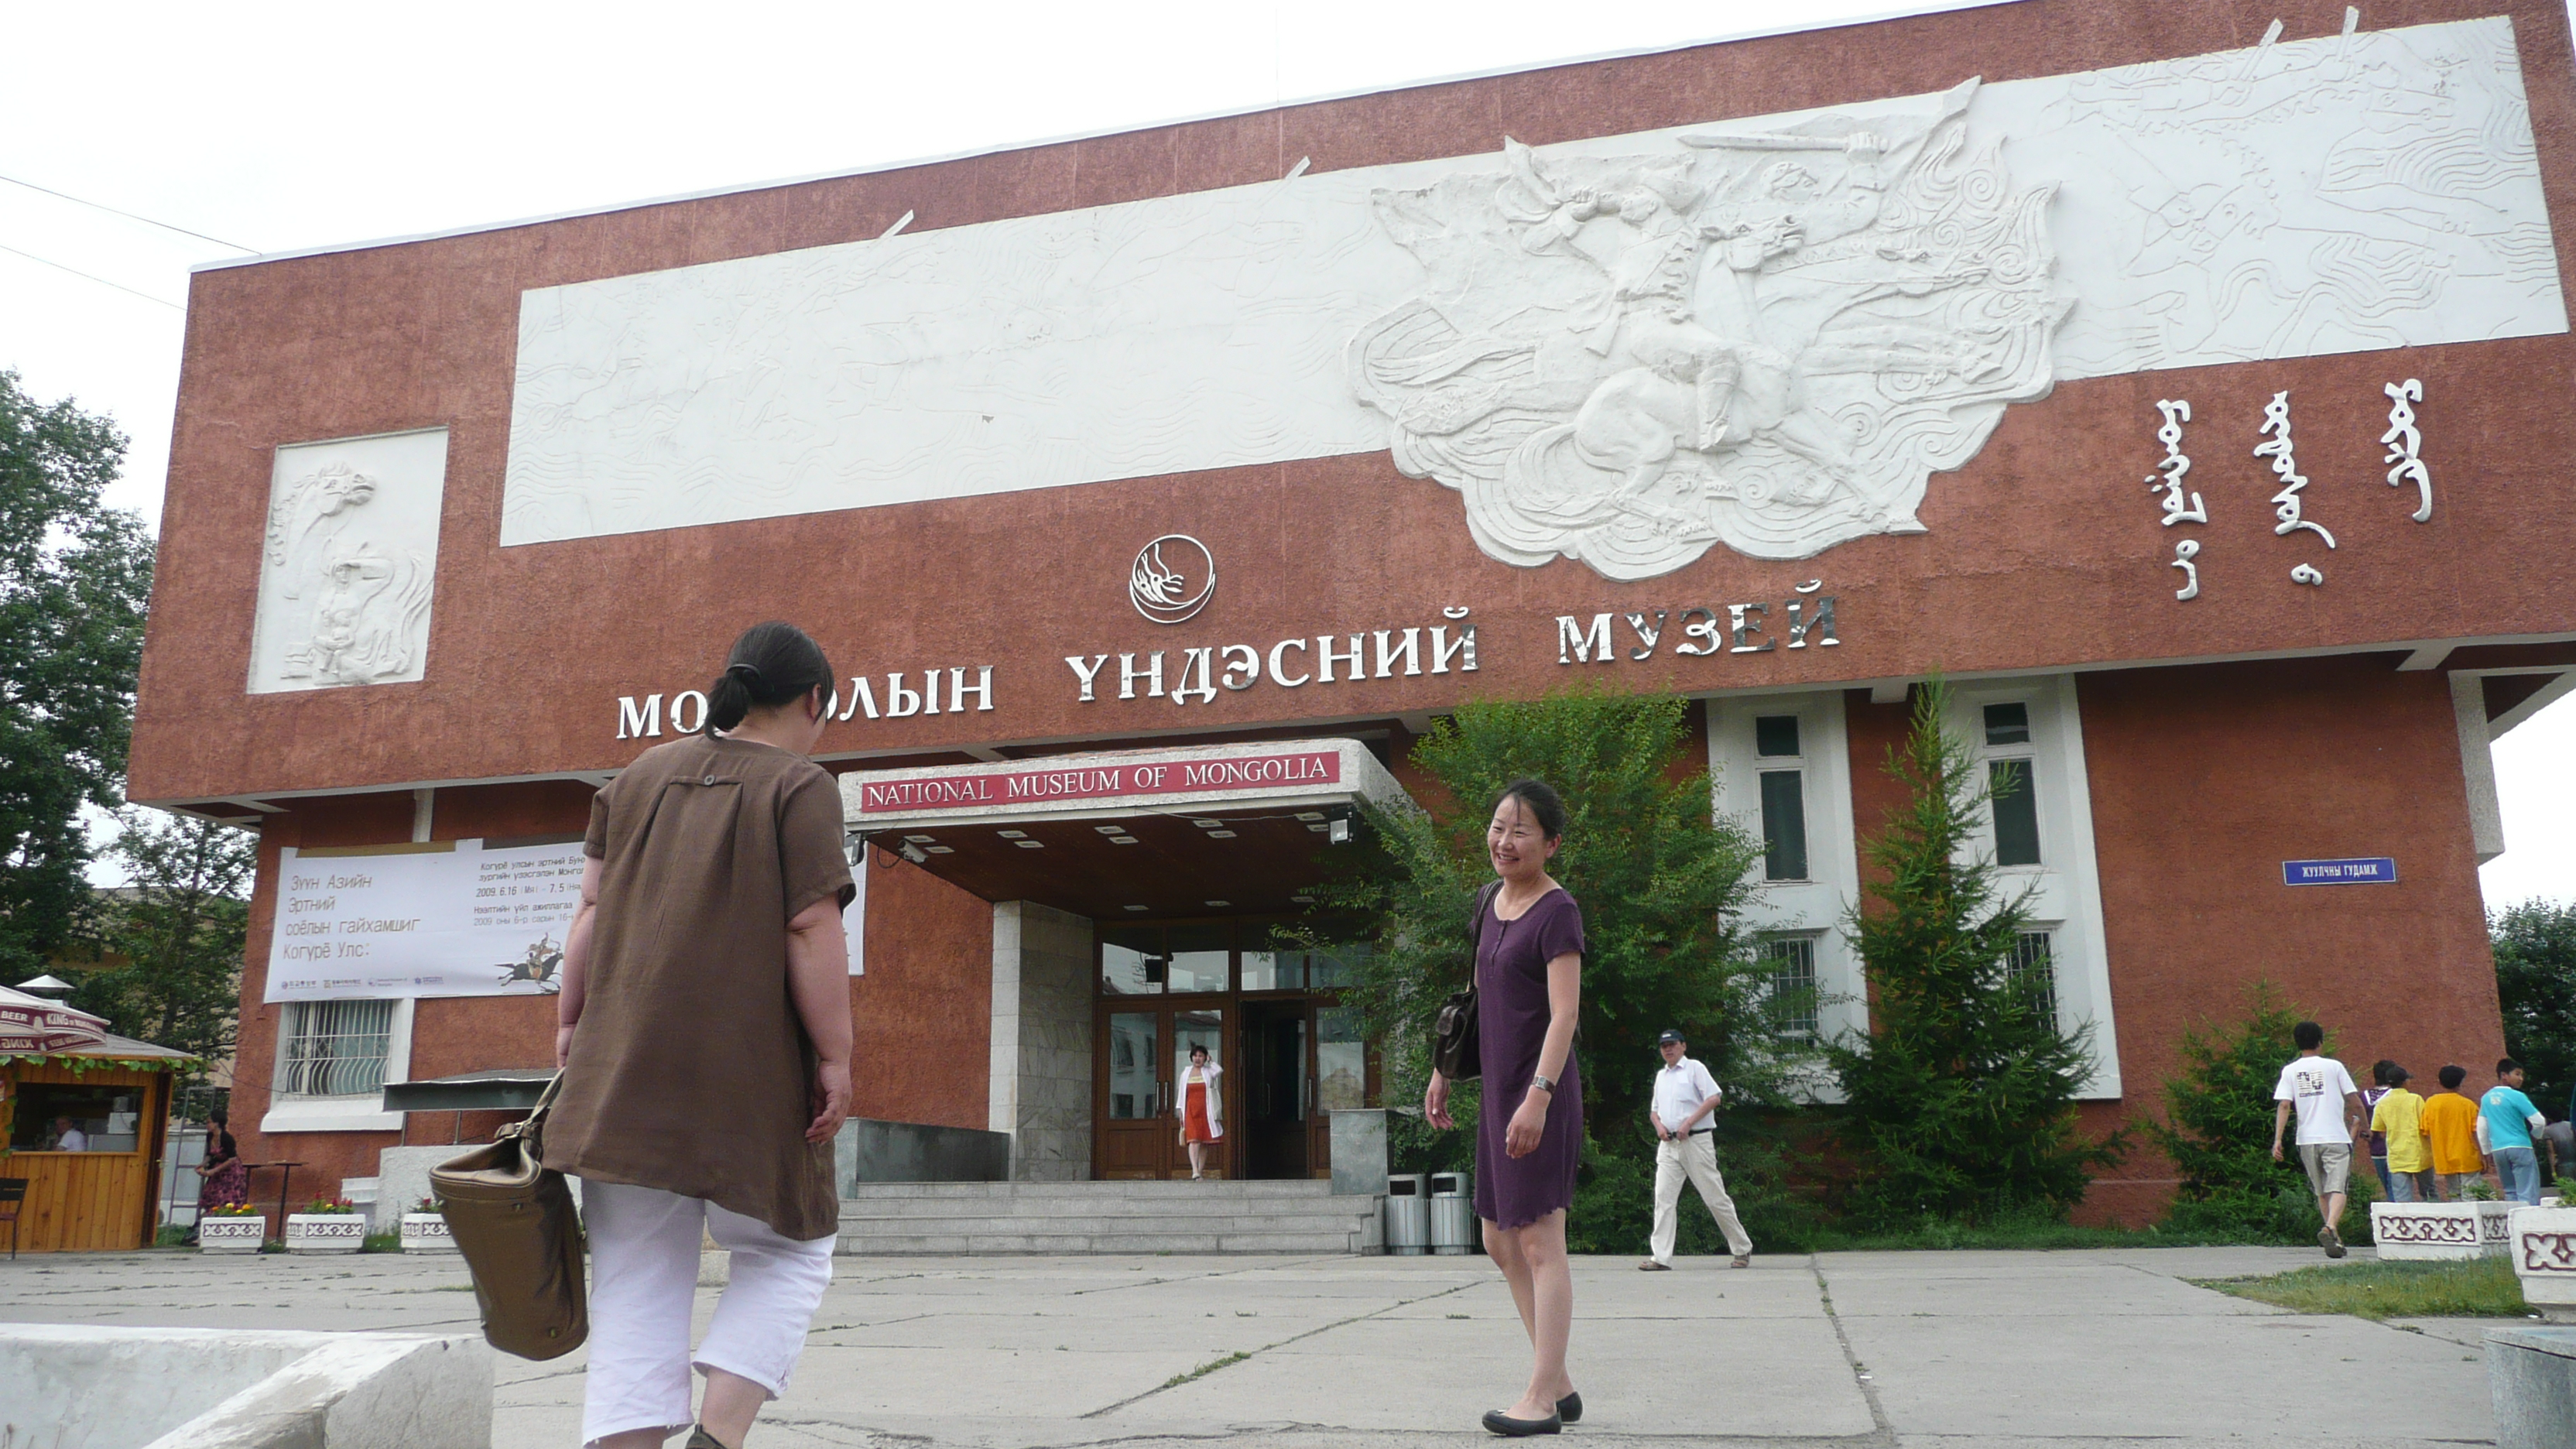 """""""Олон улсын хүүхдийн эрхийг хамгаалах өдөр"""" Монголын Үндэсний музей цагийн хуваарийн дагуу ажиллана"""